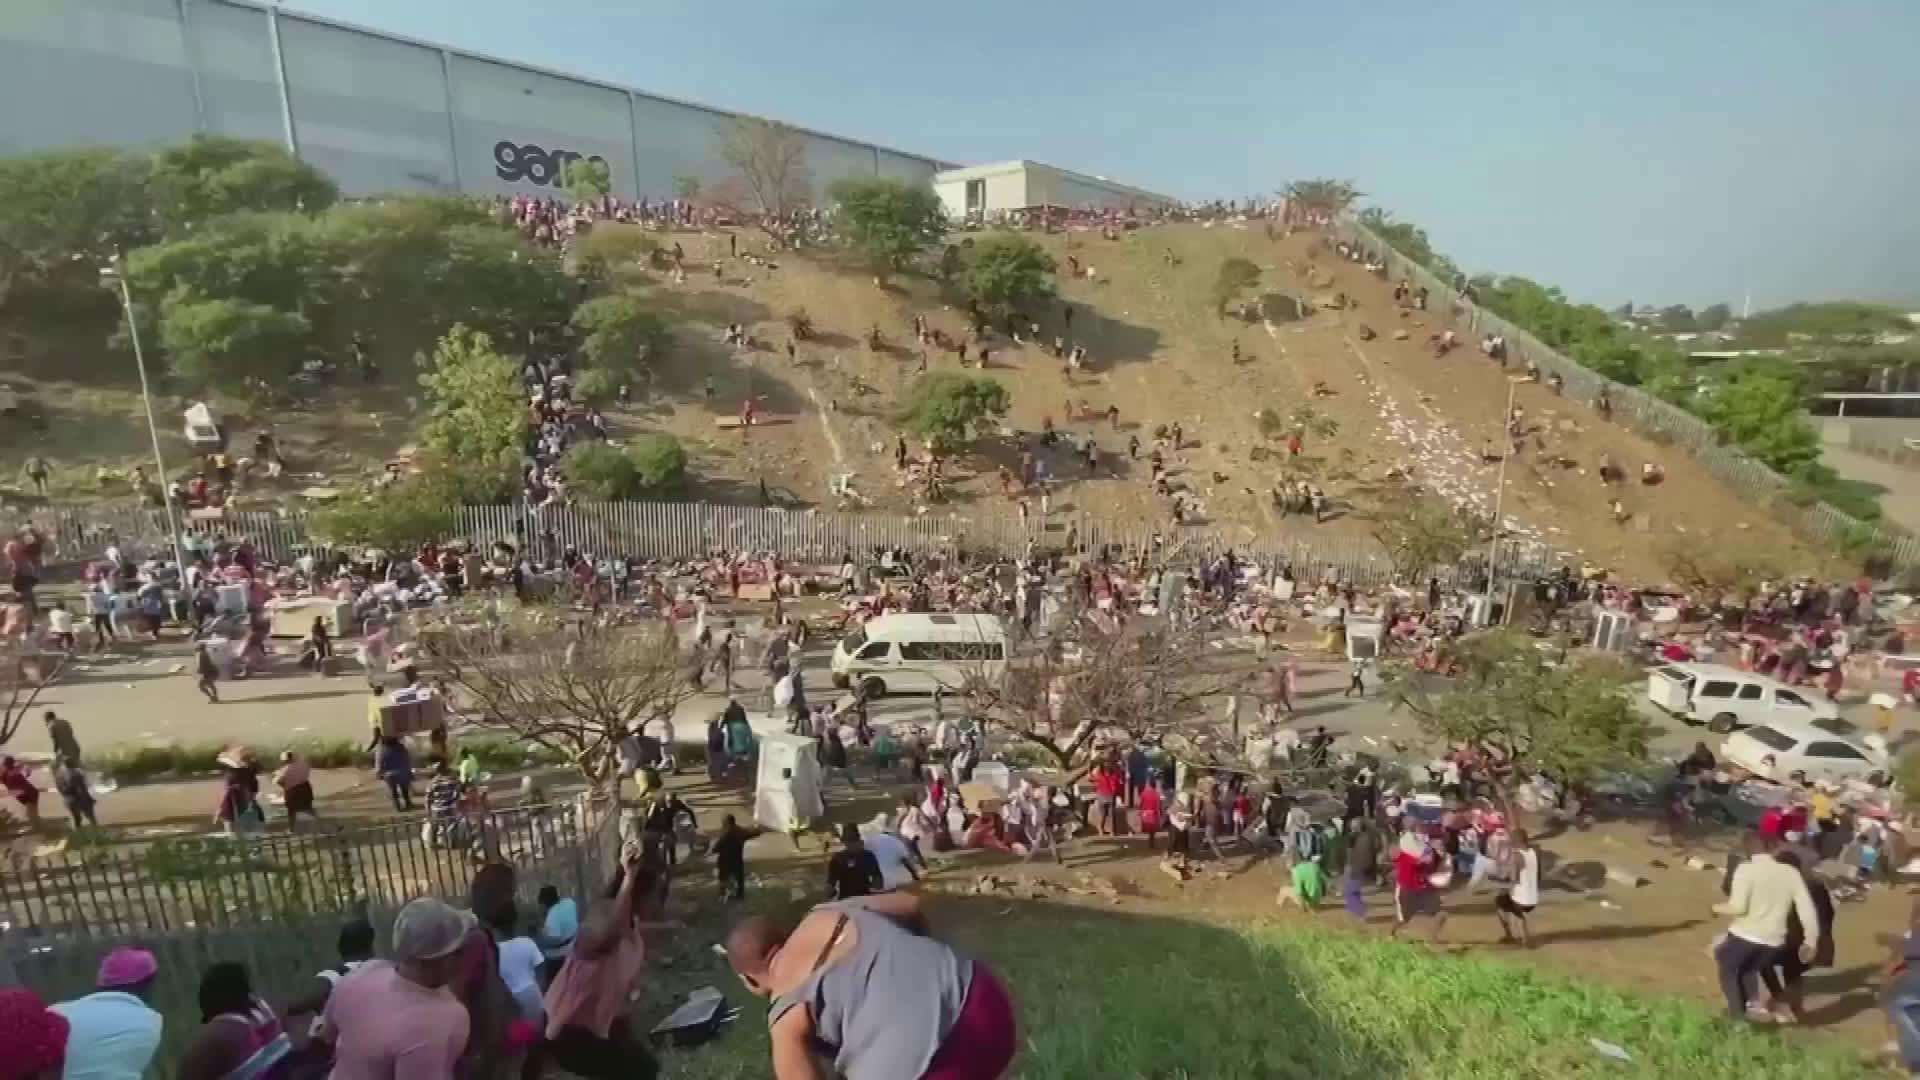 Etelä-Afrikassa päiviä jatkuneet protestit riistäytyivät ryöstelyksi